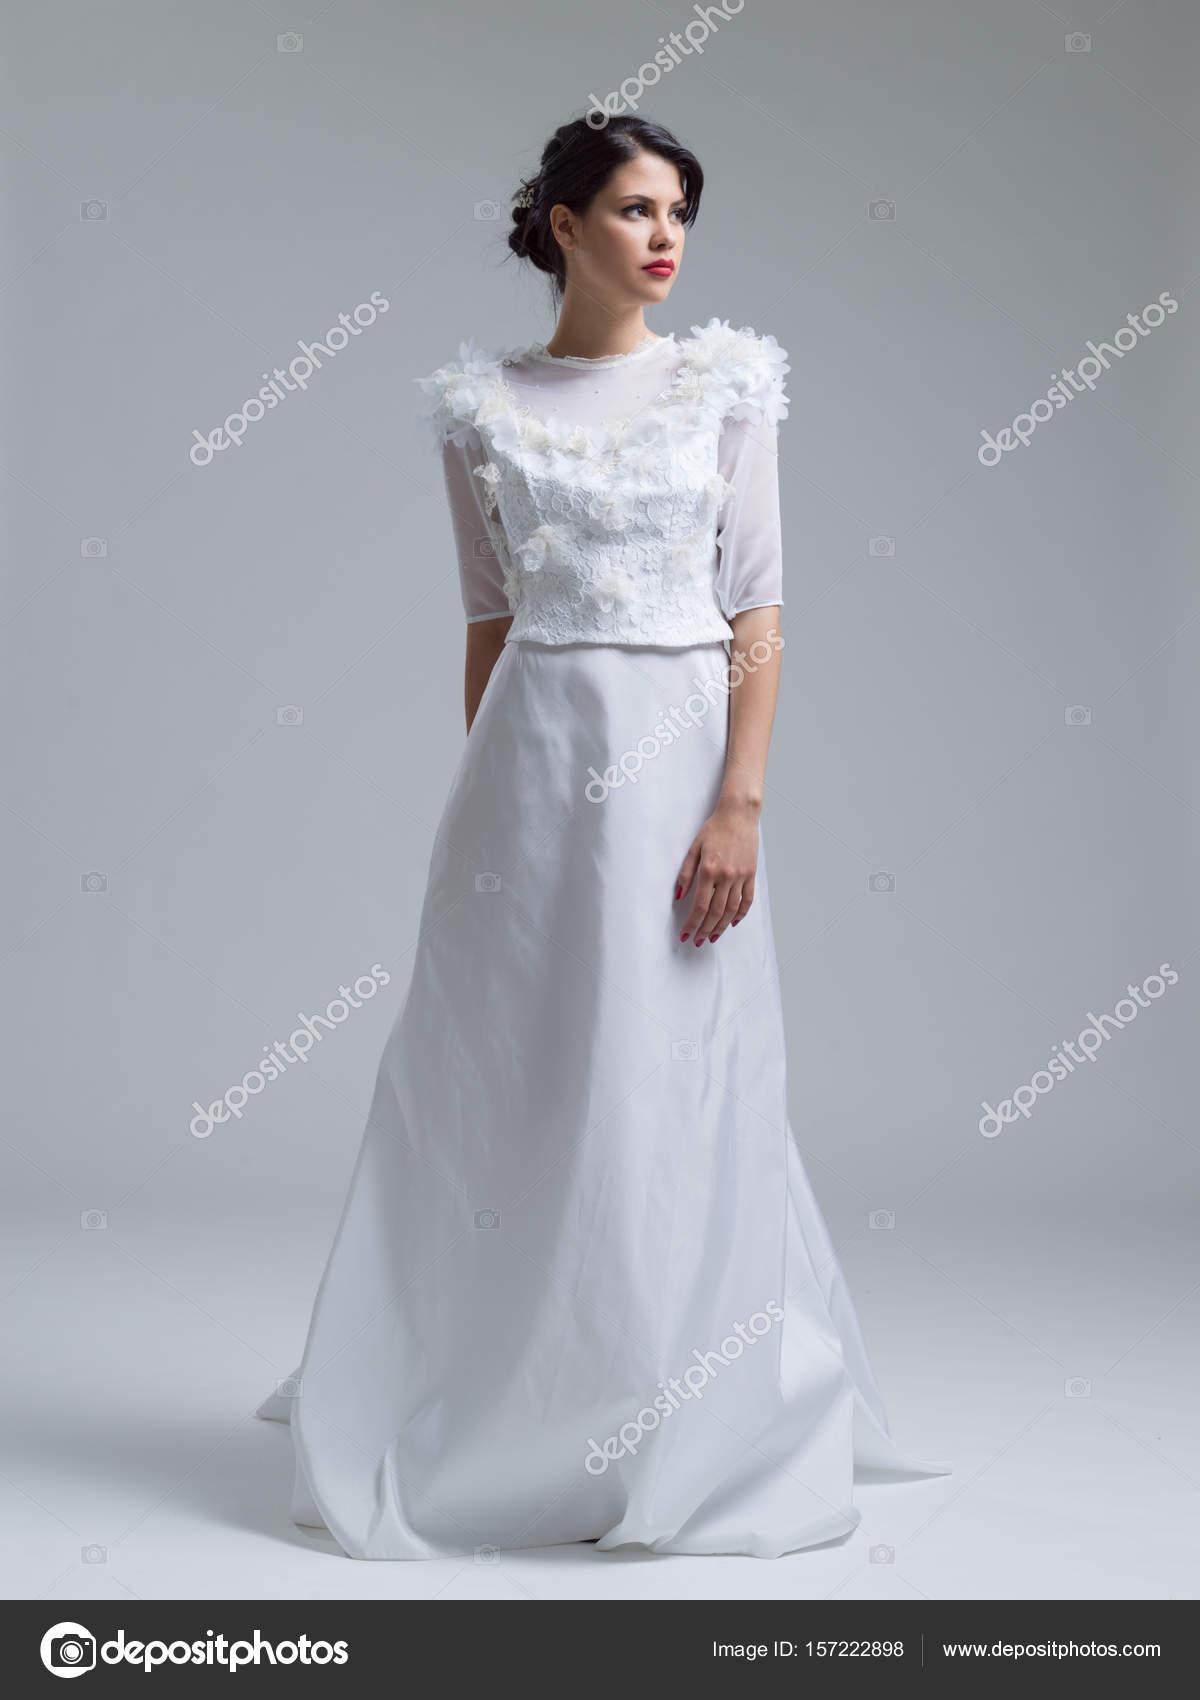 Portrat Der Schonen Jungen Frau Im Hochzeitskleid Stockfoto